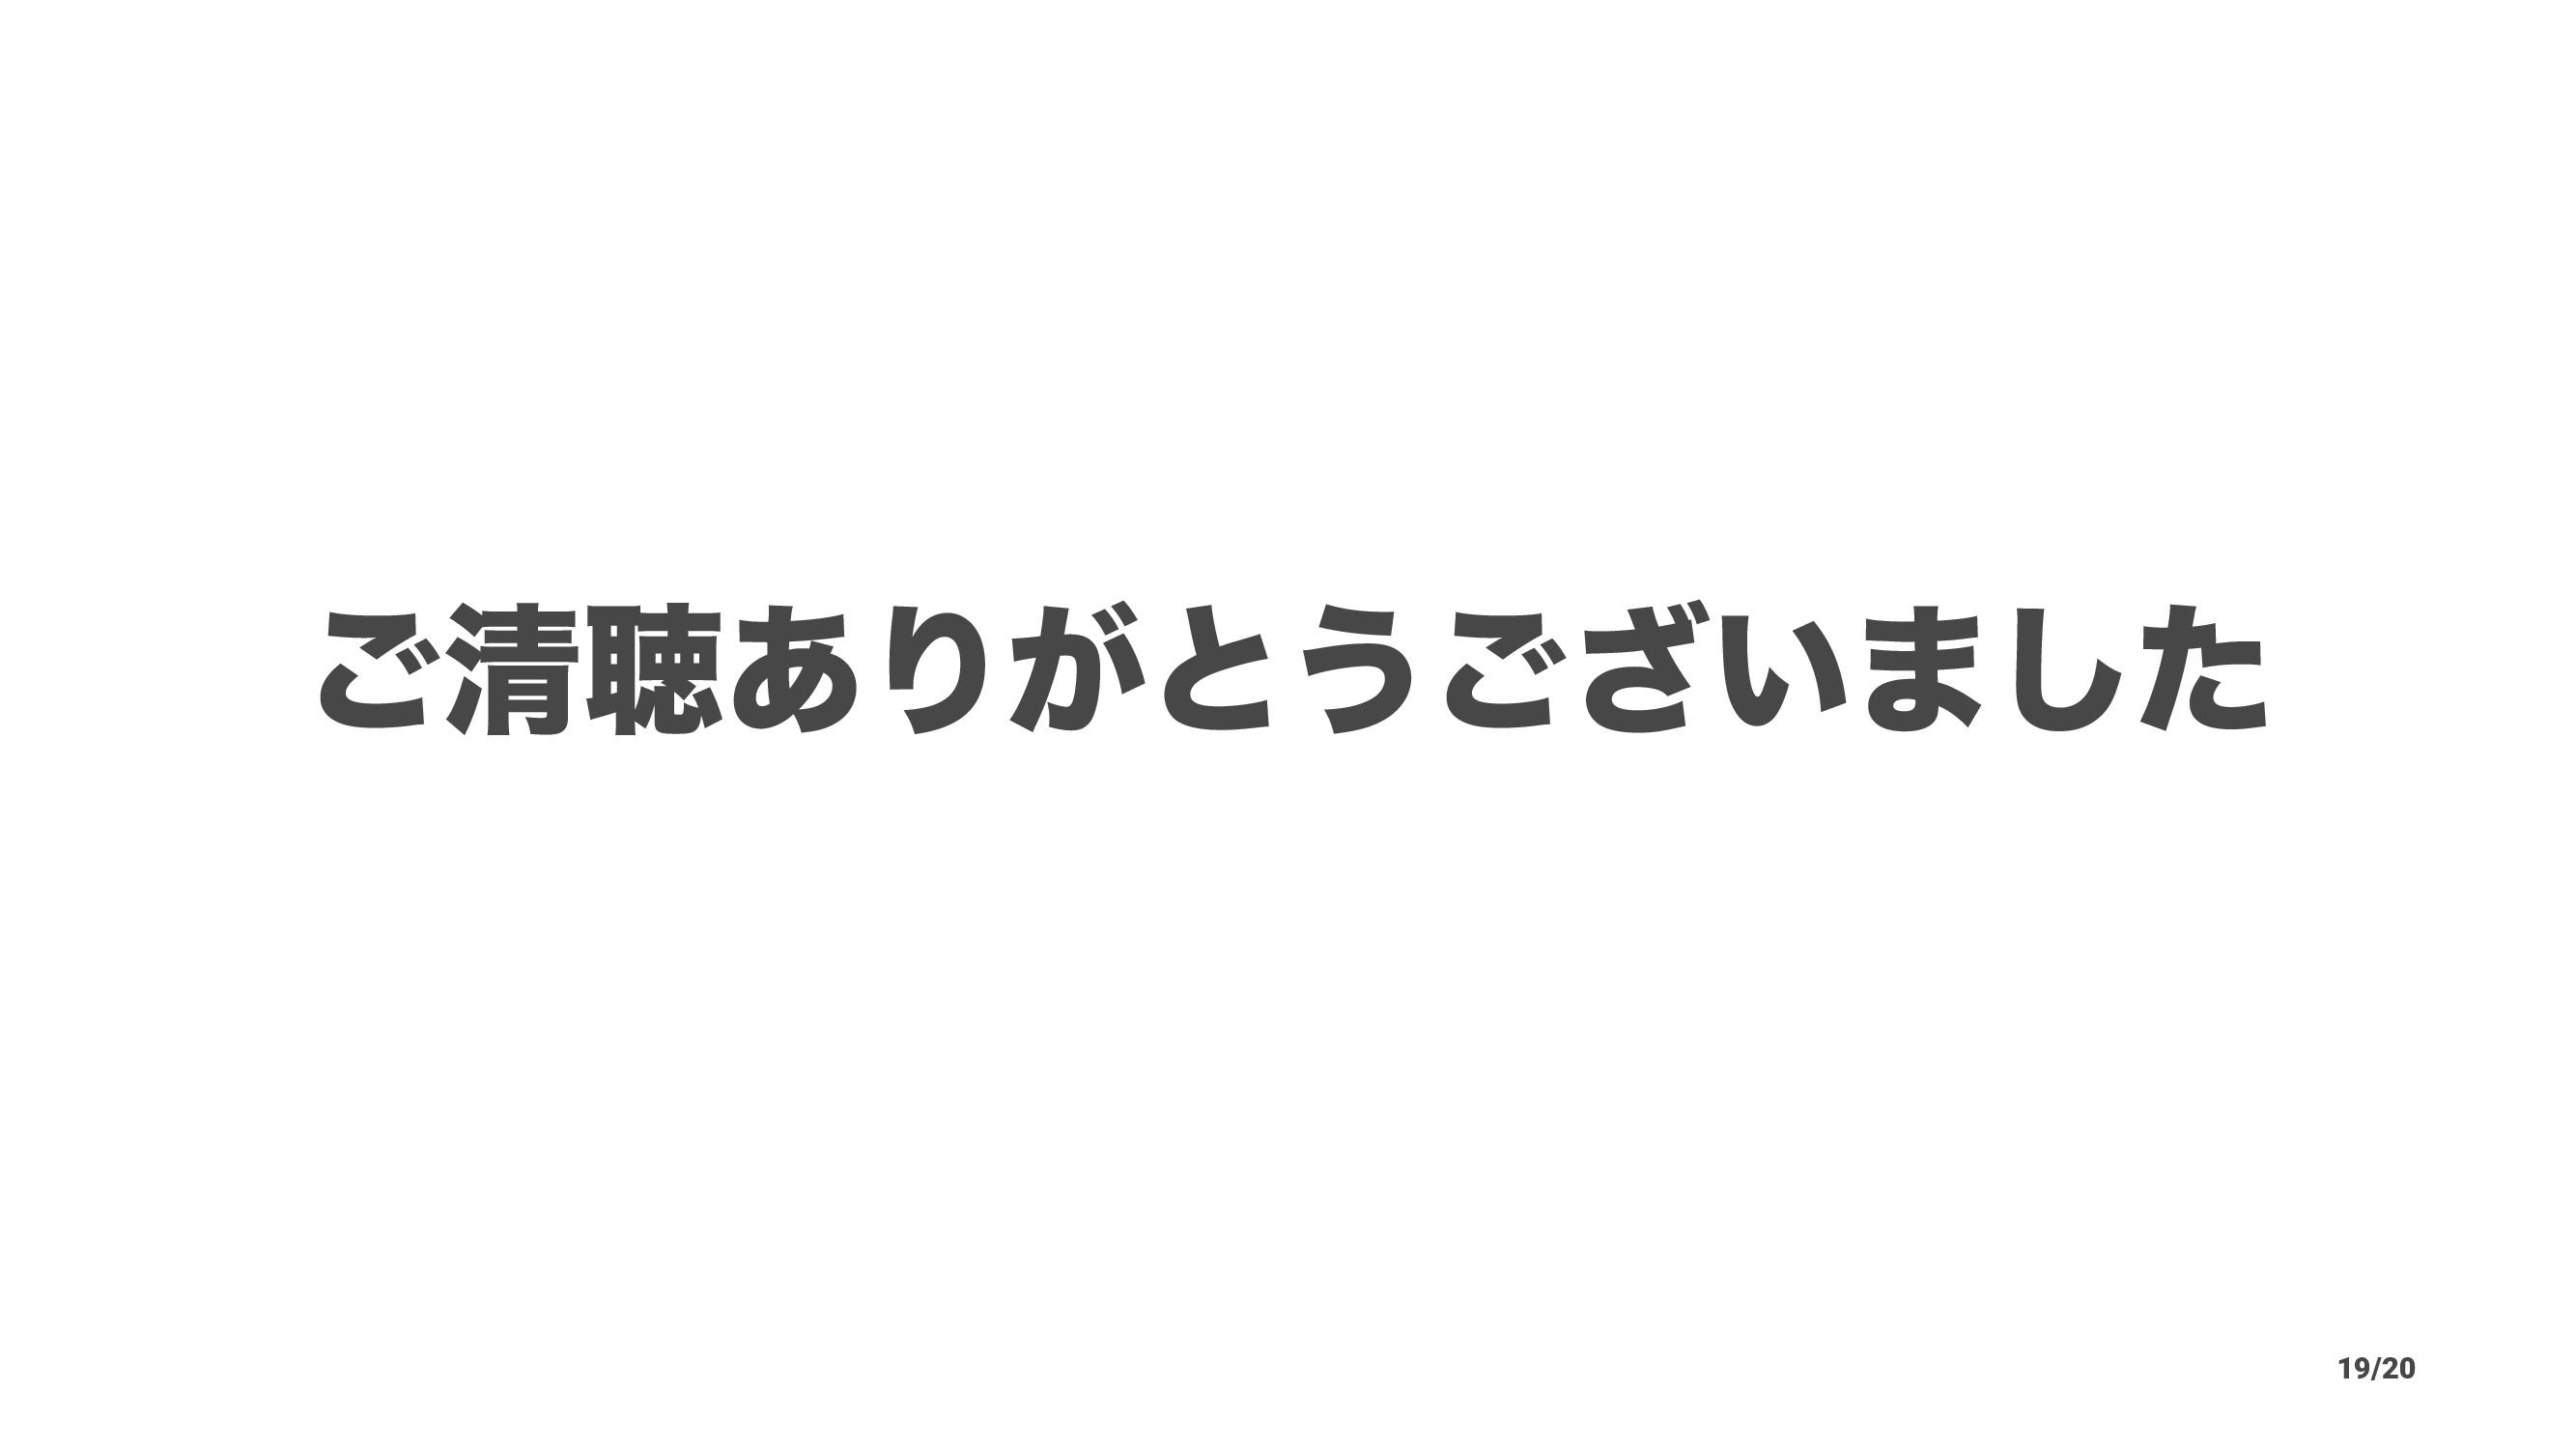 ͝ਗ਼ௌ͋Γ͕ͱ͏͍͟͝·ͨ͠ 19/20